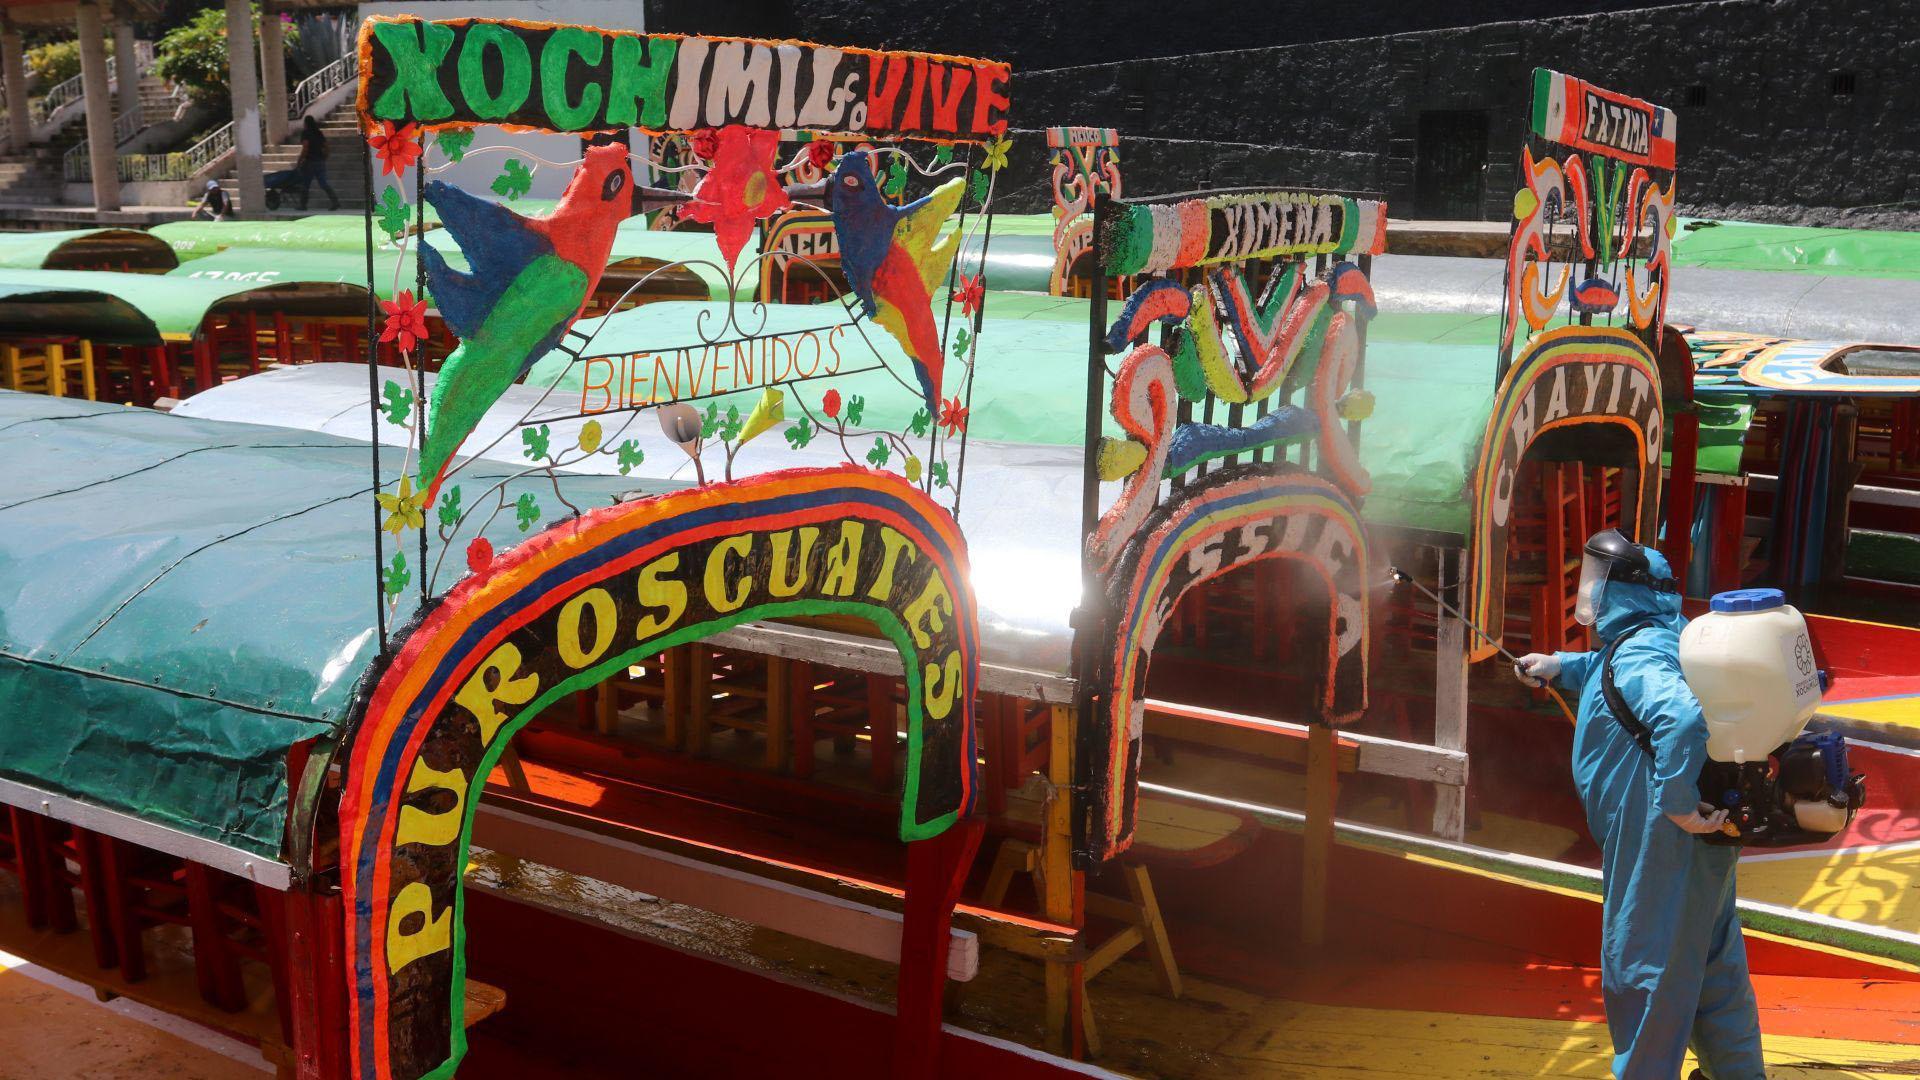 Las trajineras fueron desinfectadas por personal de la alcaldía Xochimilco para evitar que las superficies de las embarcaciones estuvieran contaminadas (Foto: Cuartoscuro)